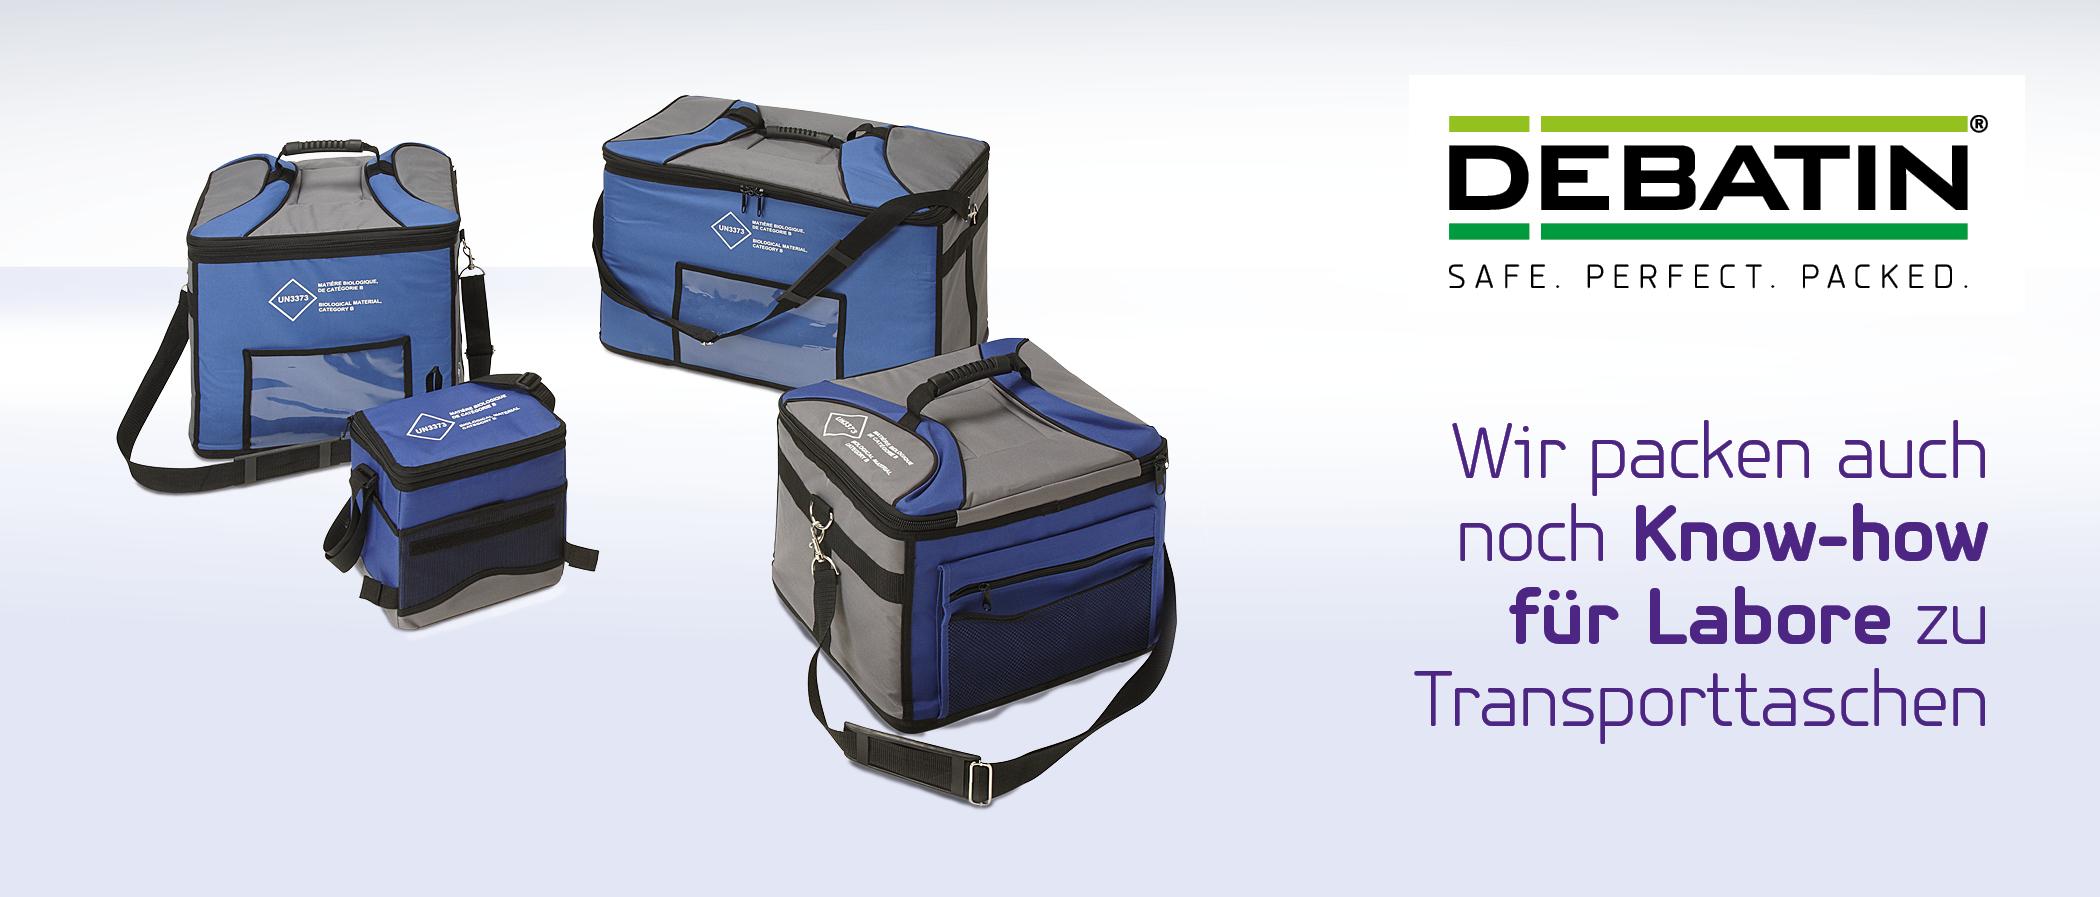 DEBATIN Labore Transporttaschen